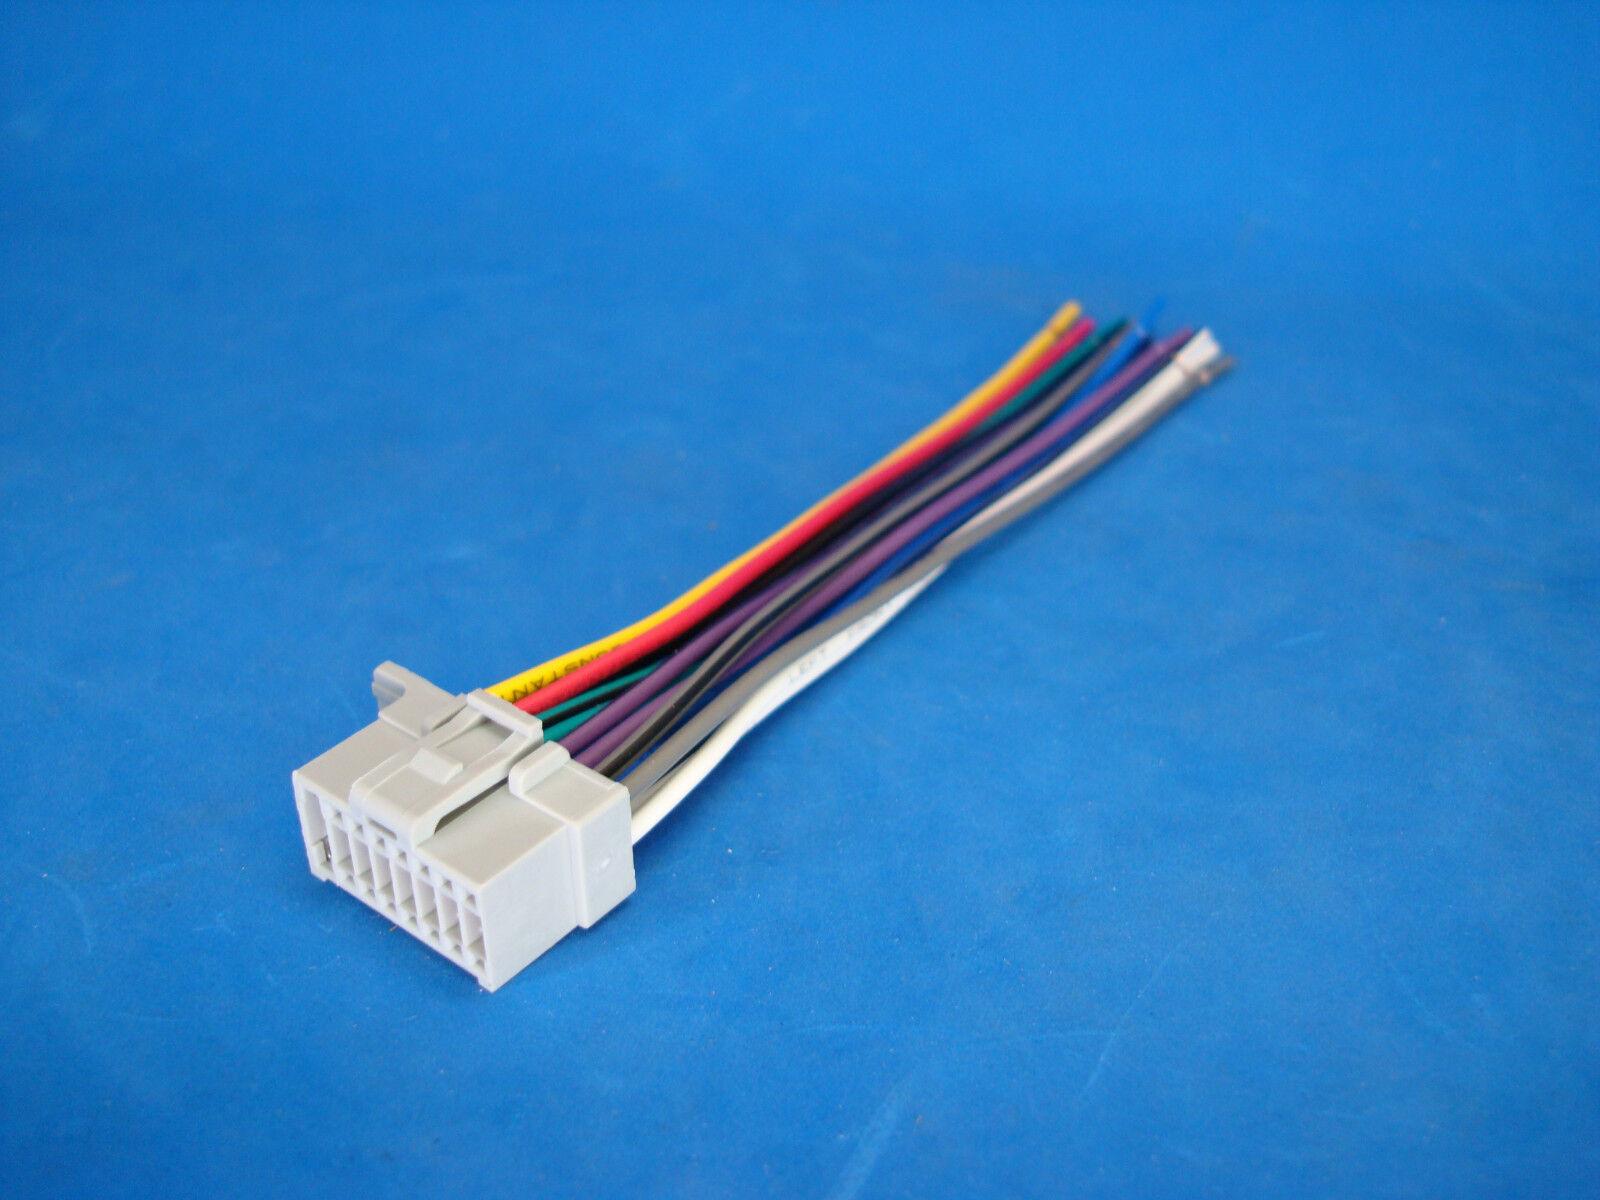 Panasonic Cq Wiring Harness